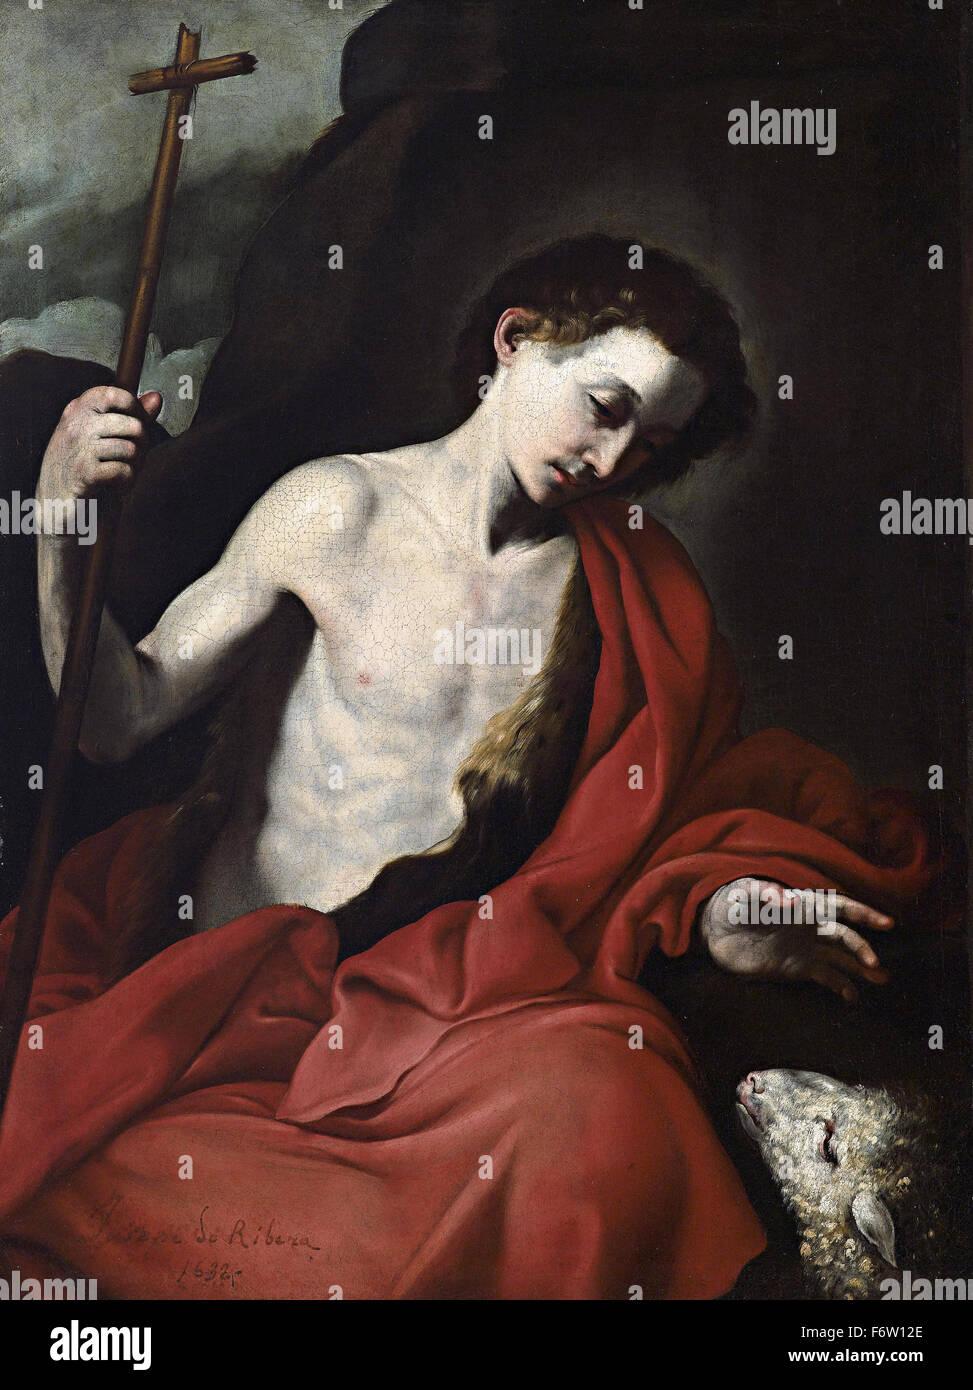 Jusepe de Ribera - Saint John the Baptist - Stock Image